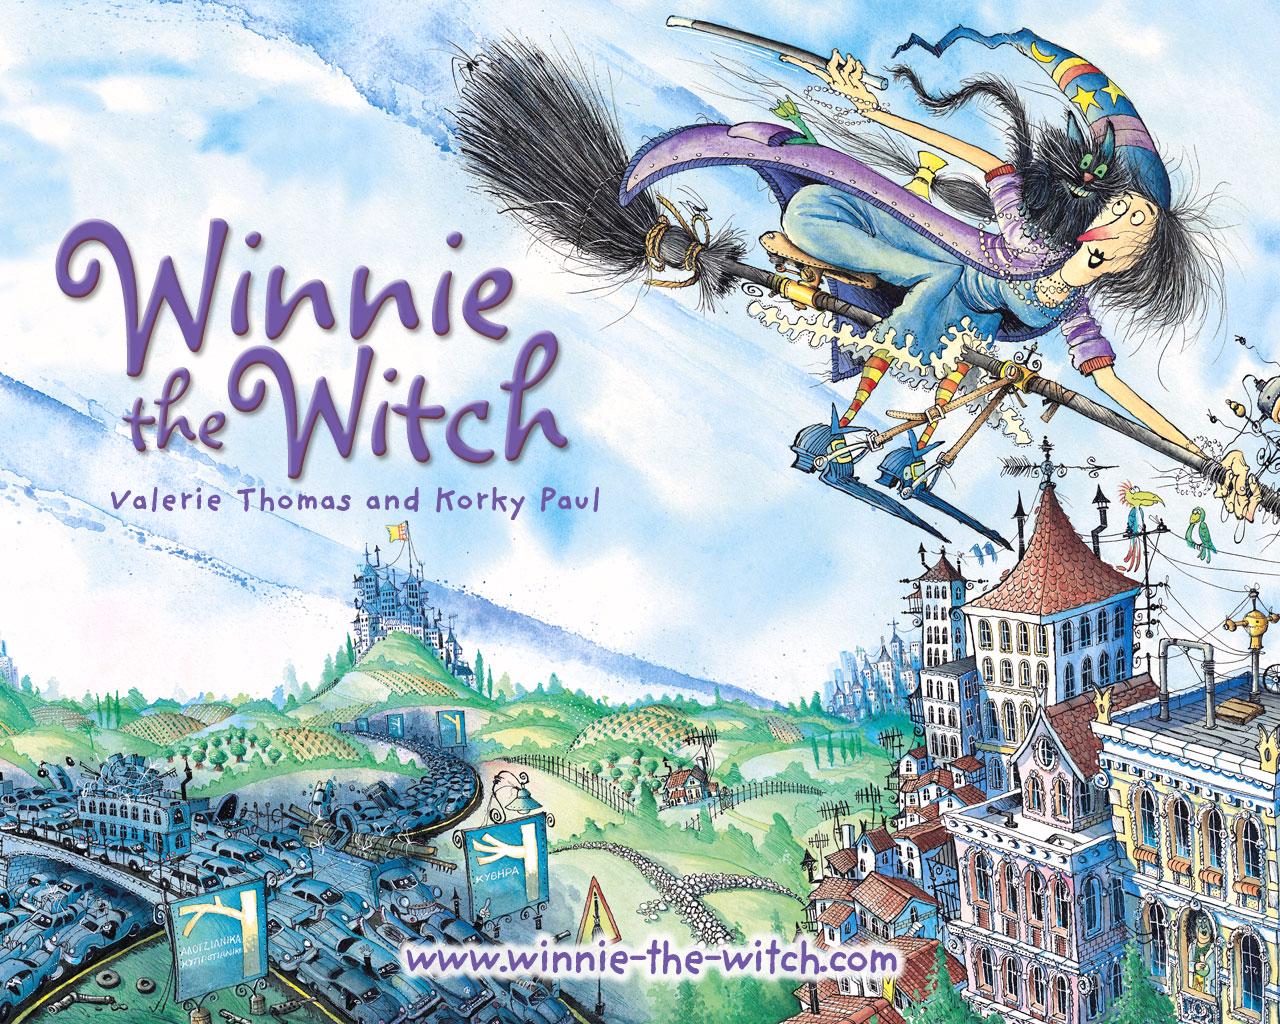 Winnie1 1280x1024 177353